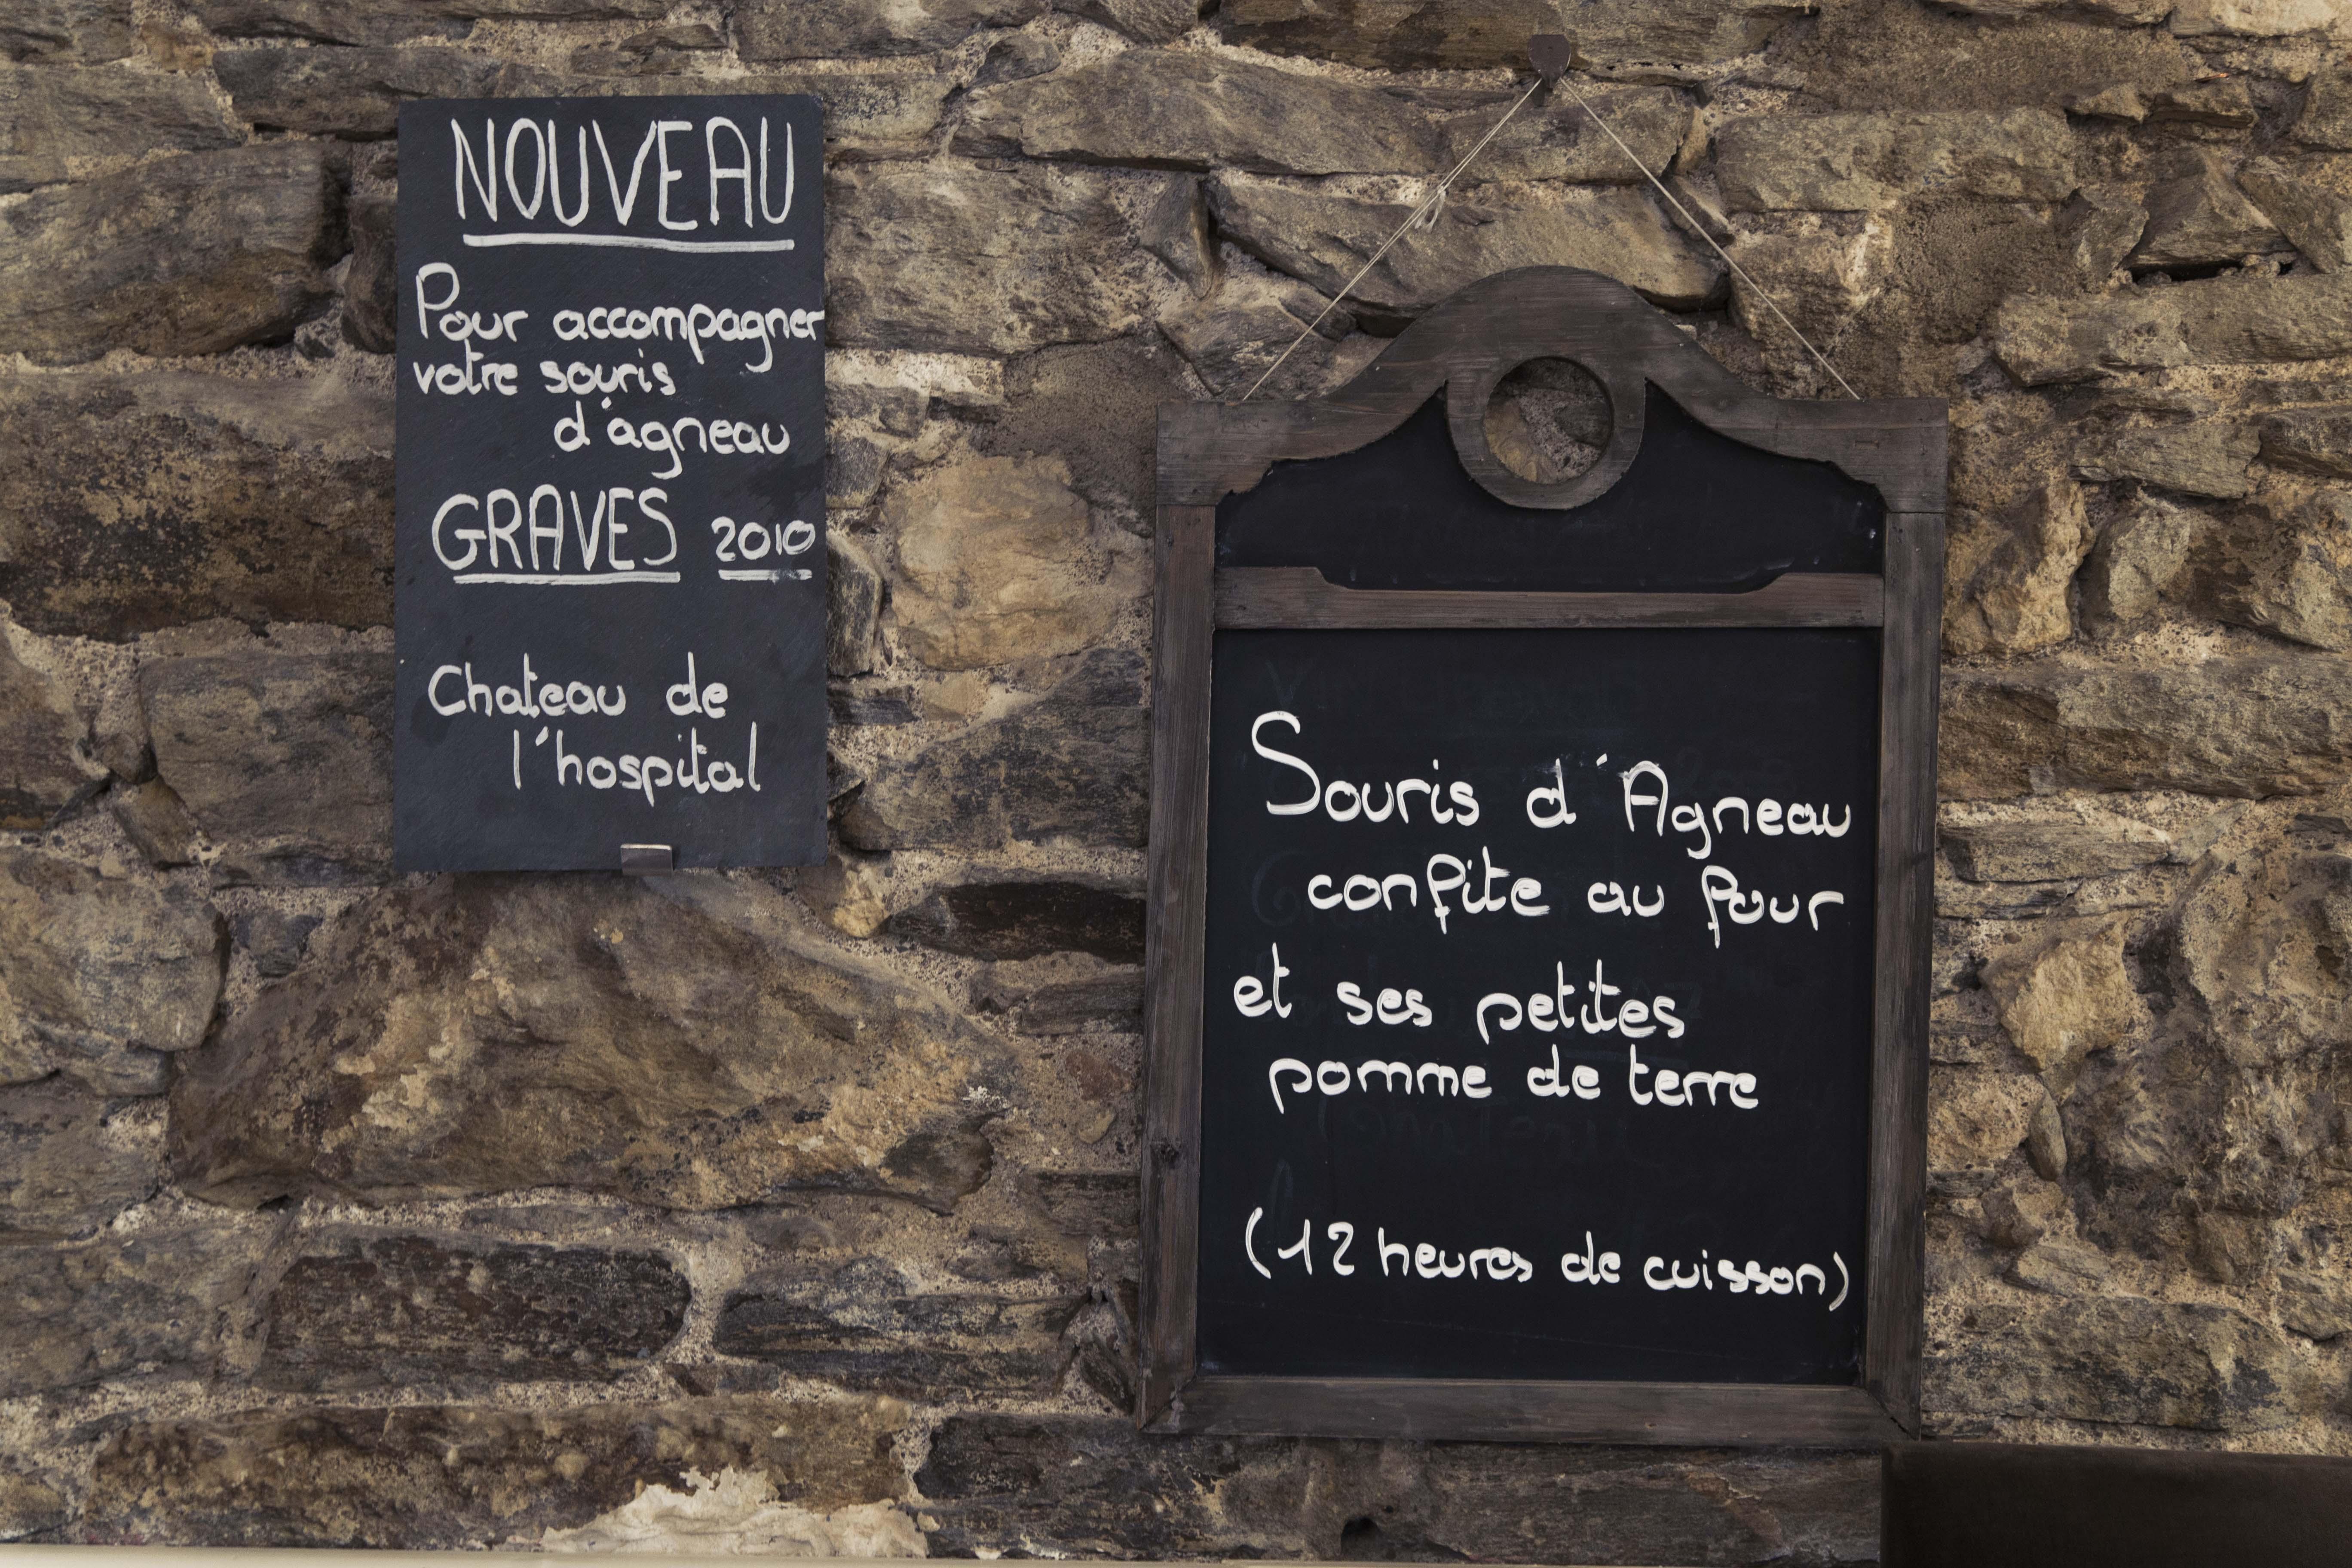 Ardoises de la Souris d'Agneau sur un mur en pierre